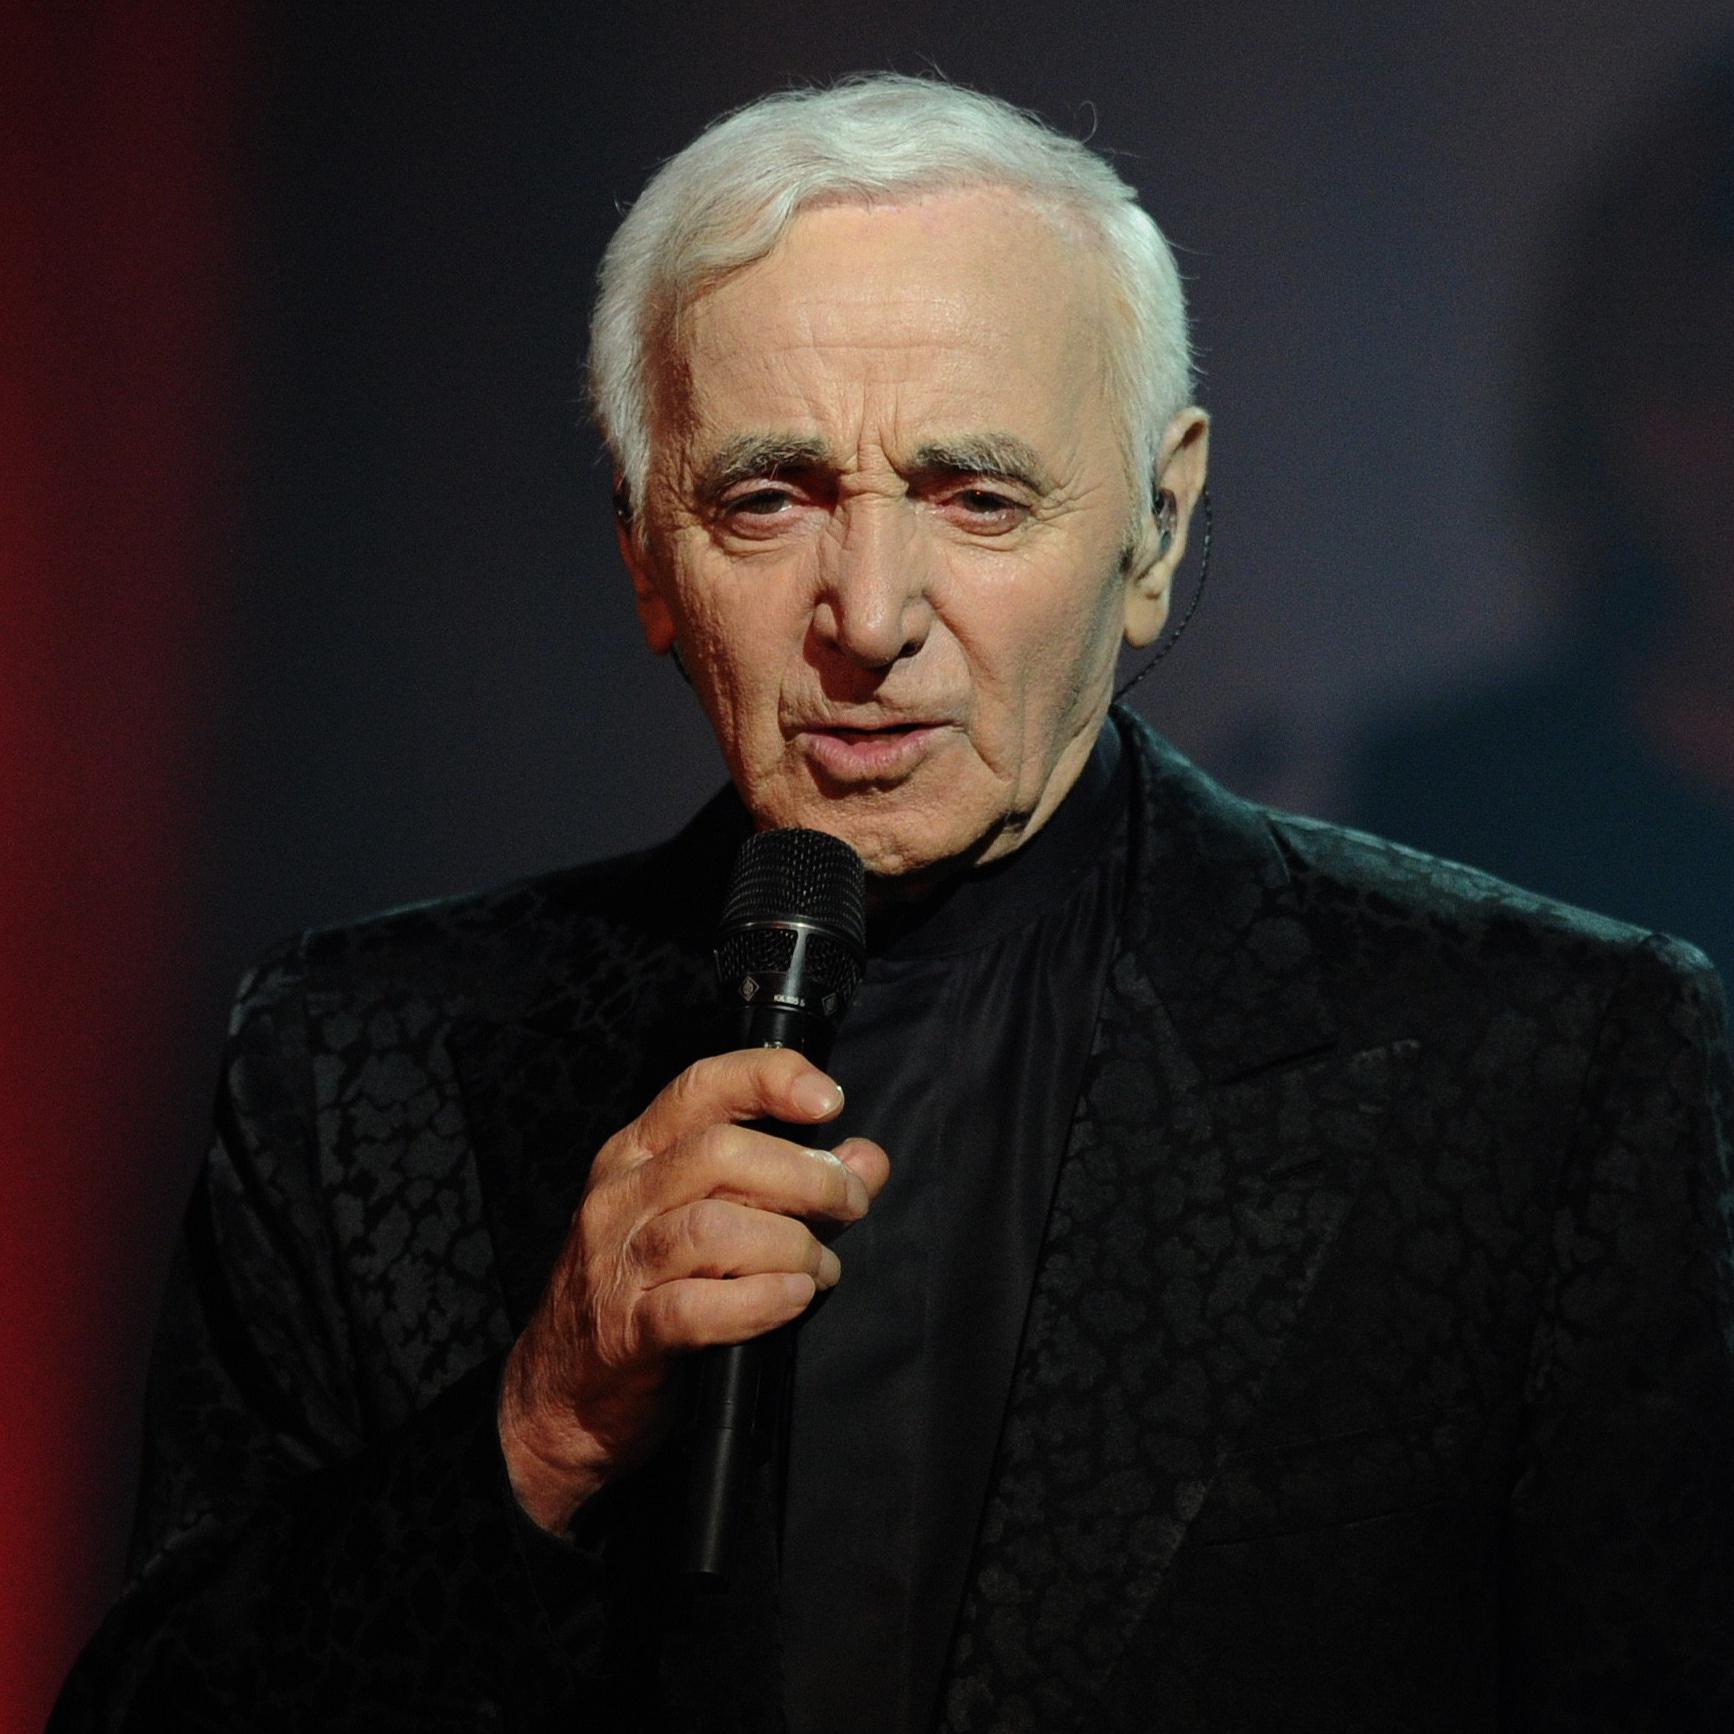 Depresszió, megromlott házasságok és egy drag queen – Charles Aznavour dalai korántsem könnyű sanzonok